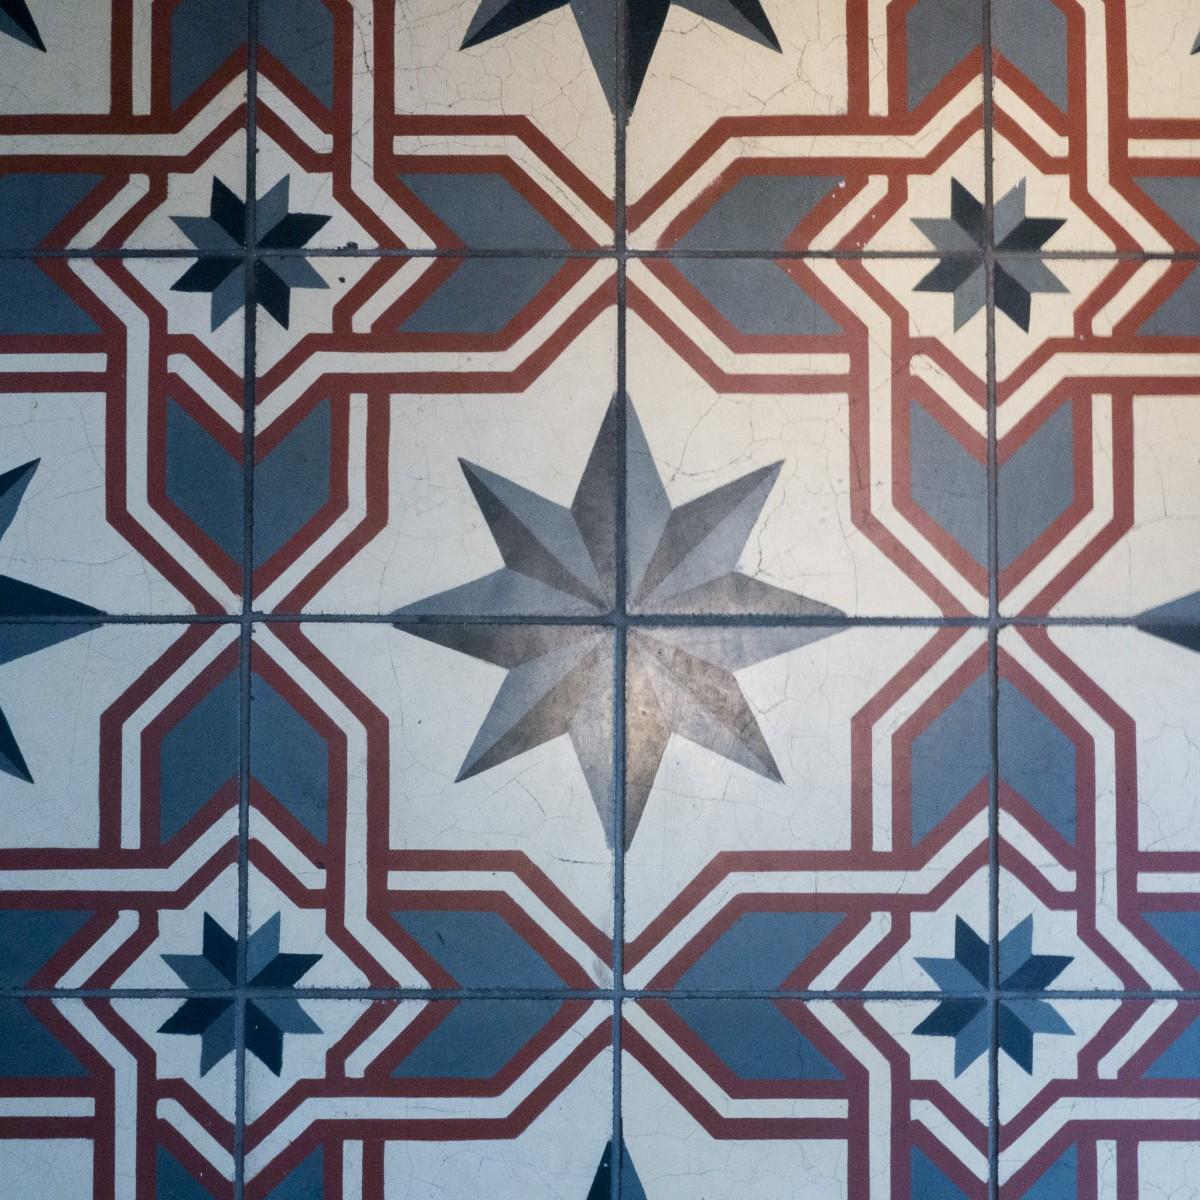 Floor Tiles at Balzac Coffee